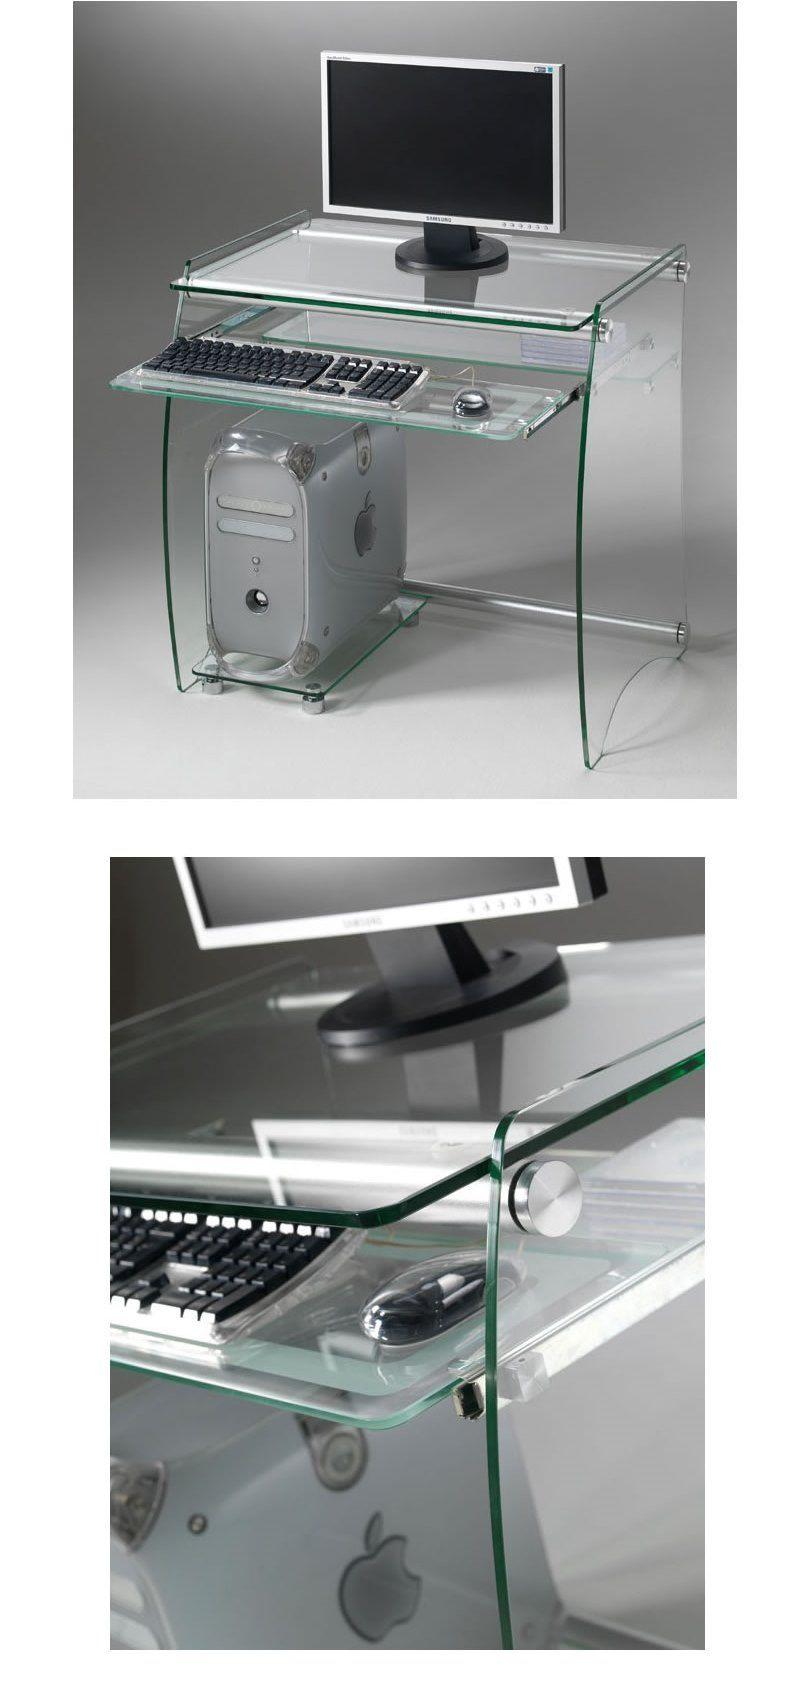 Scrivania Porta Pc In Vetro.Scrivania Porta Pc In Vetro Temperato Desk01 Desk Furniture Studio